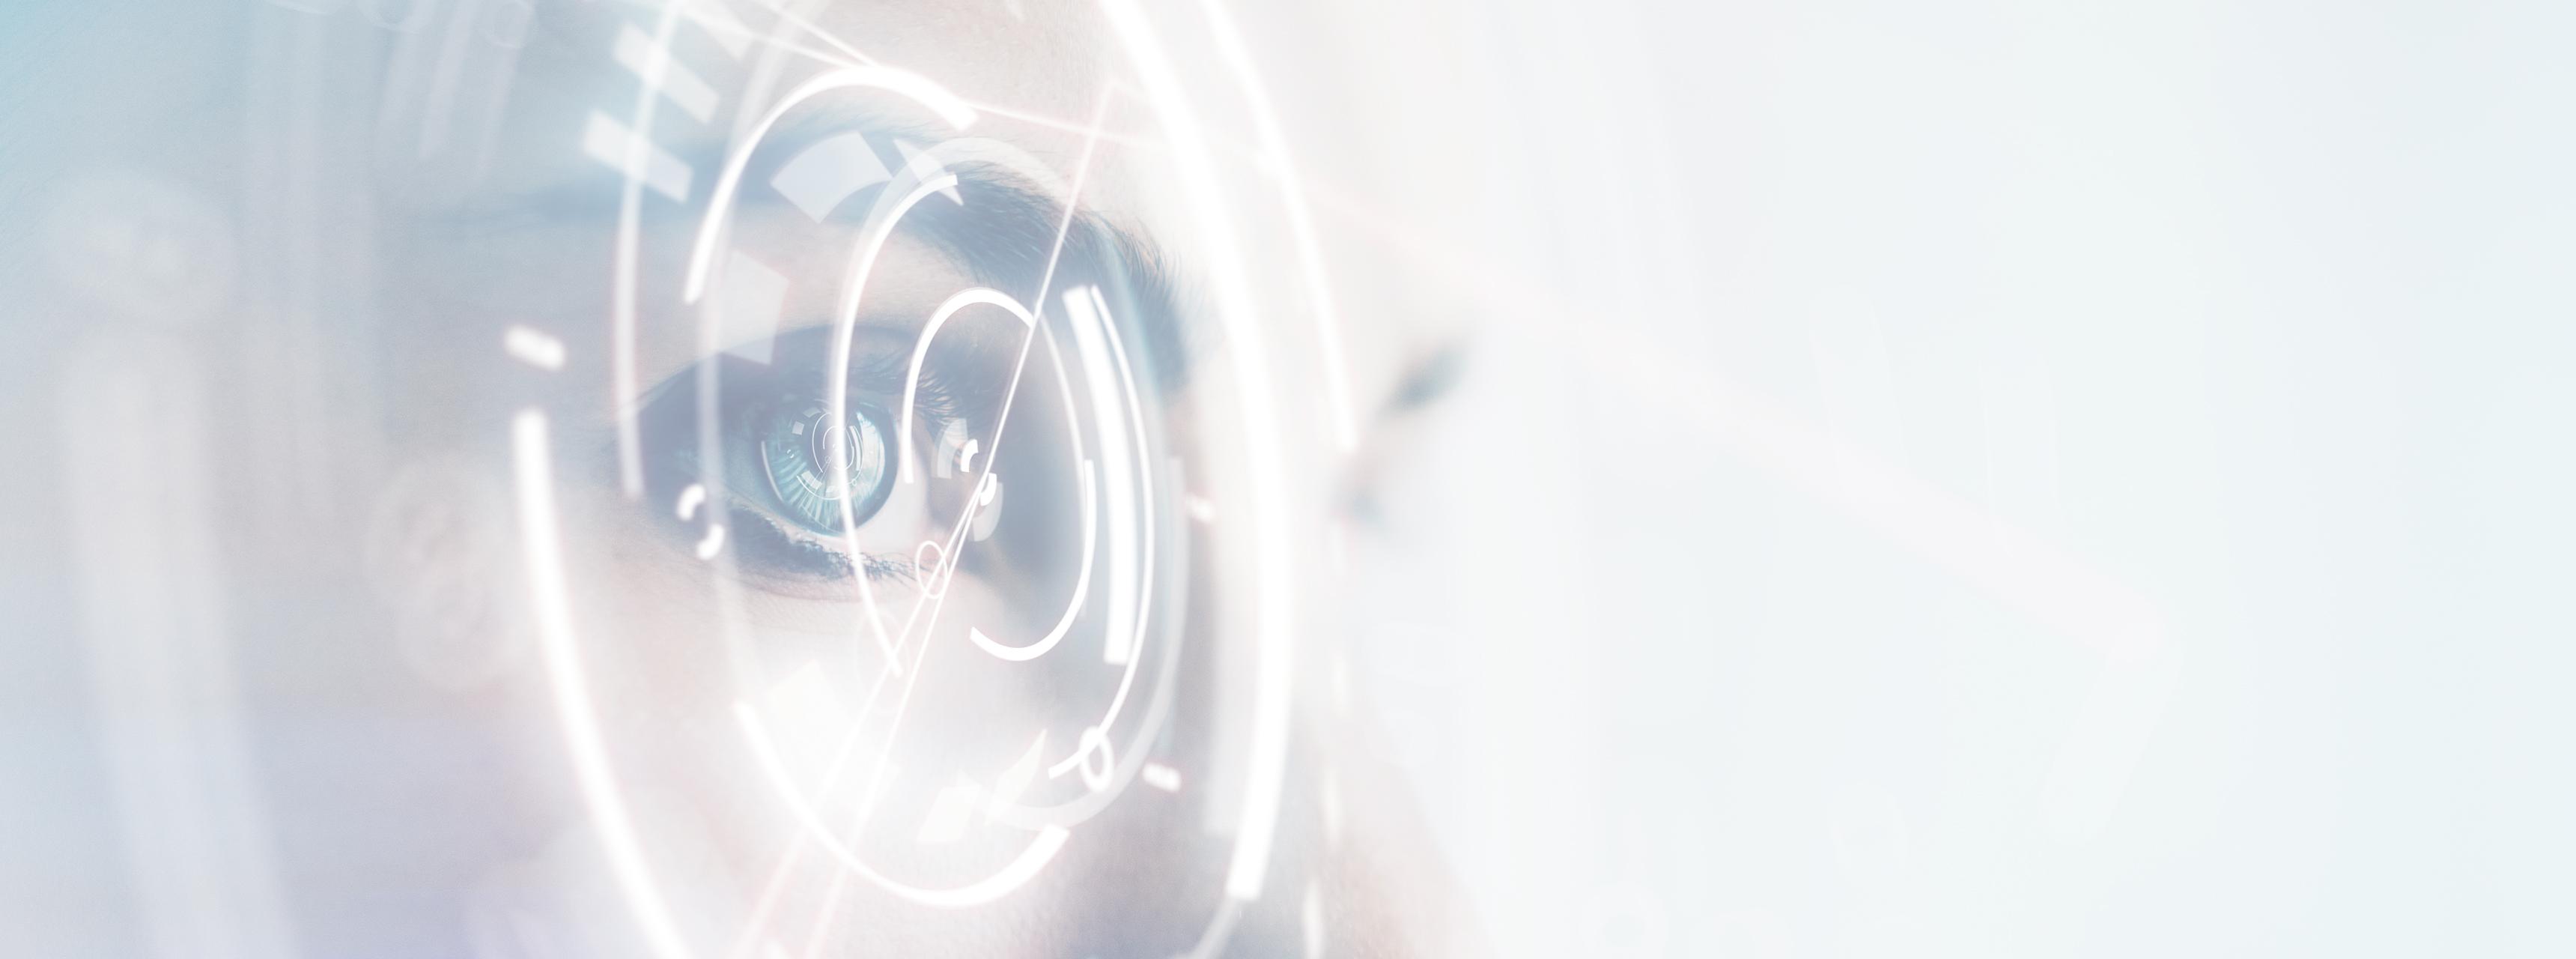 látásélesség 40 évesen emberi látástudomány